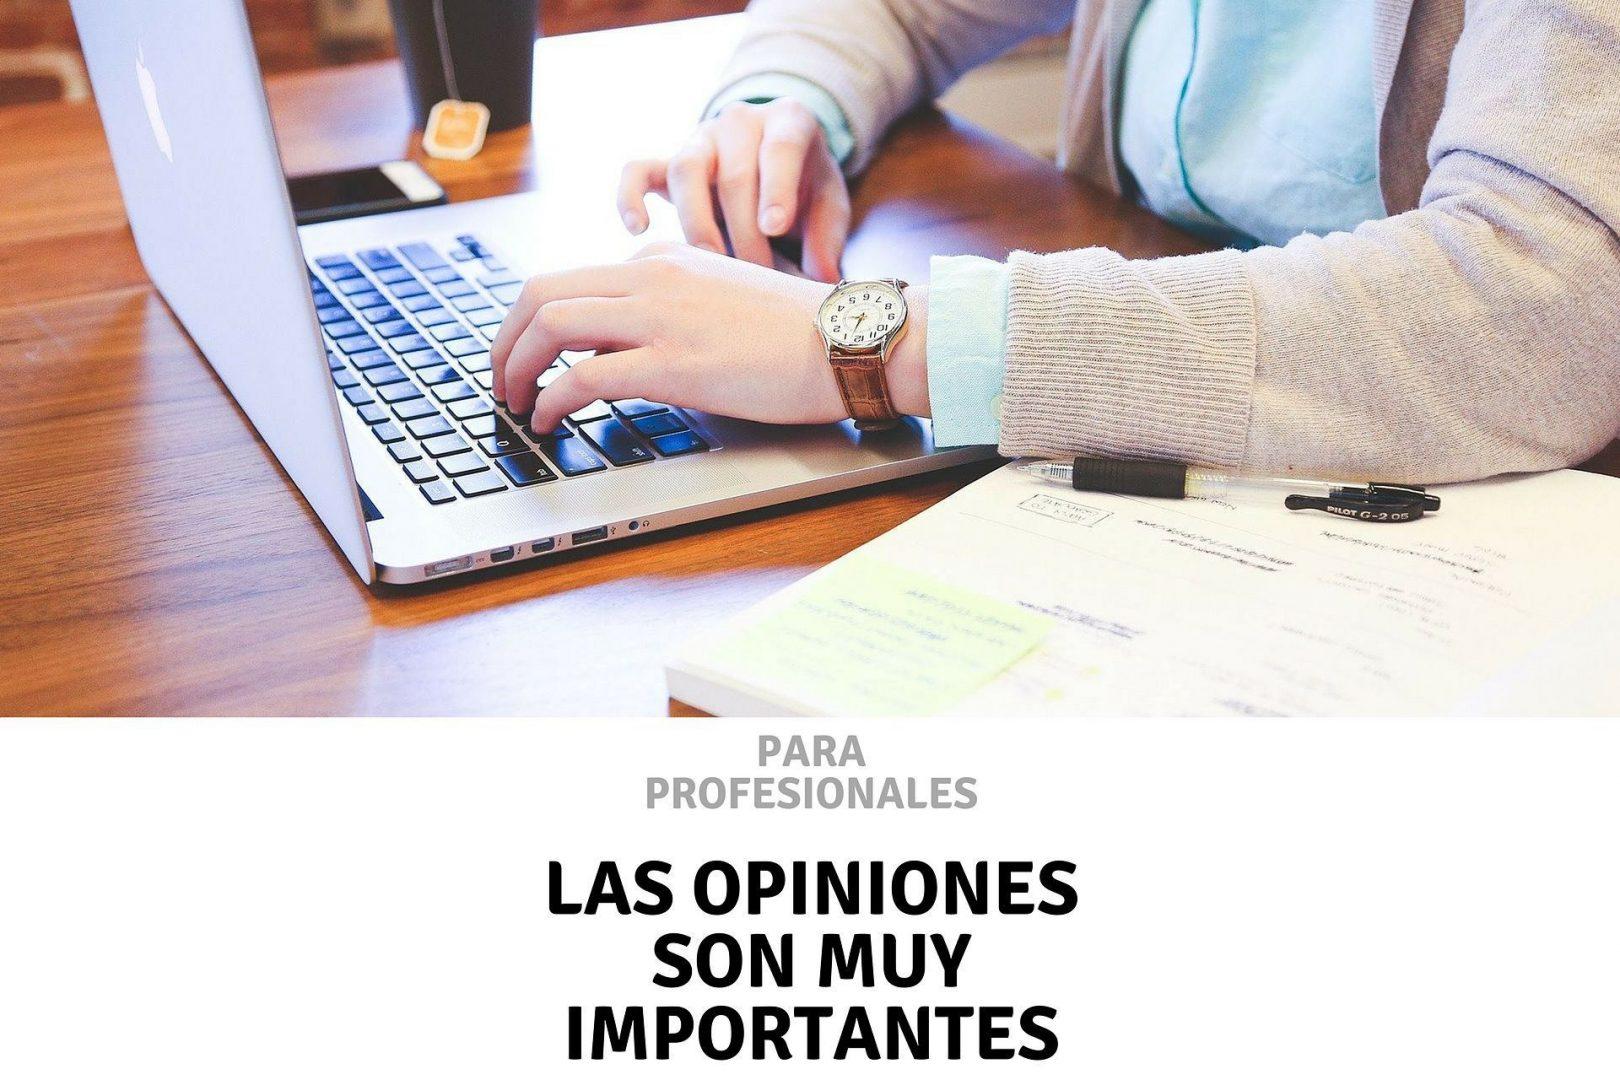 Las opiniones online son importantes para tu centro